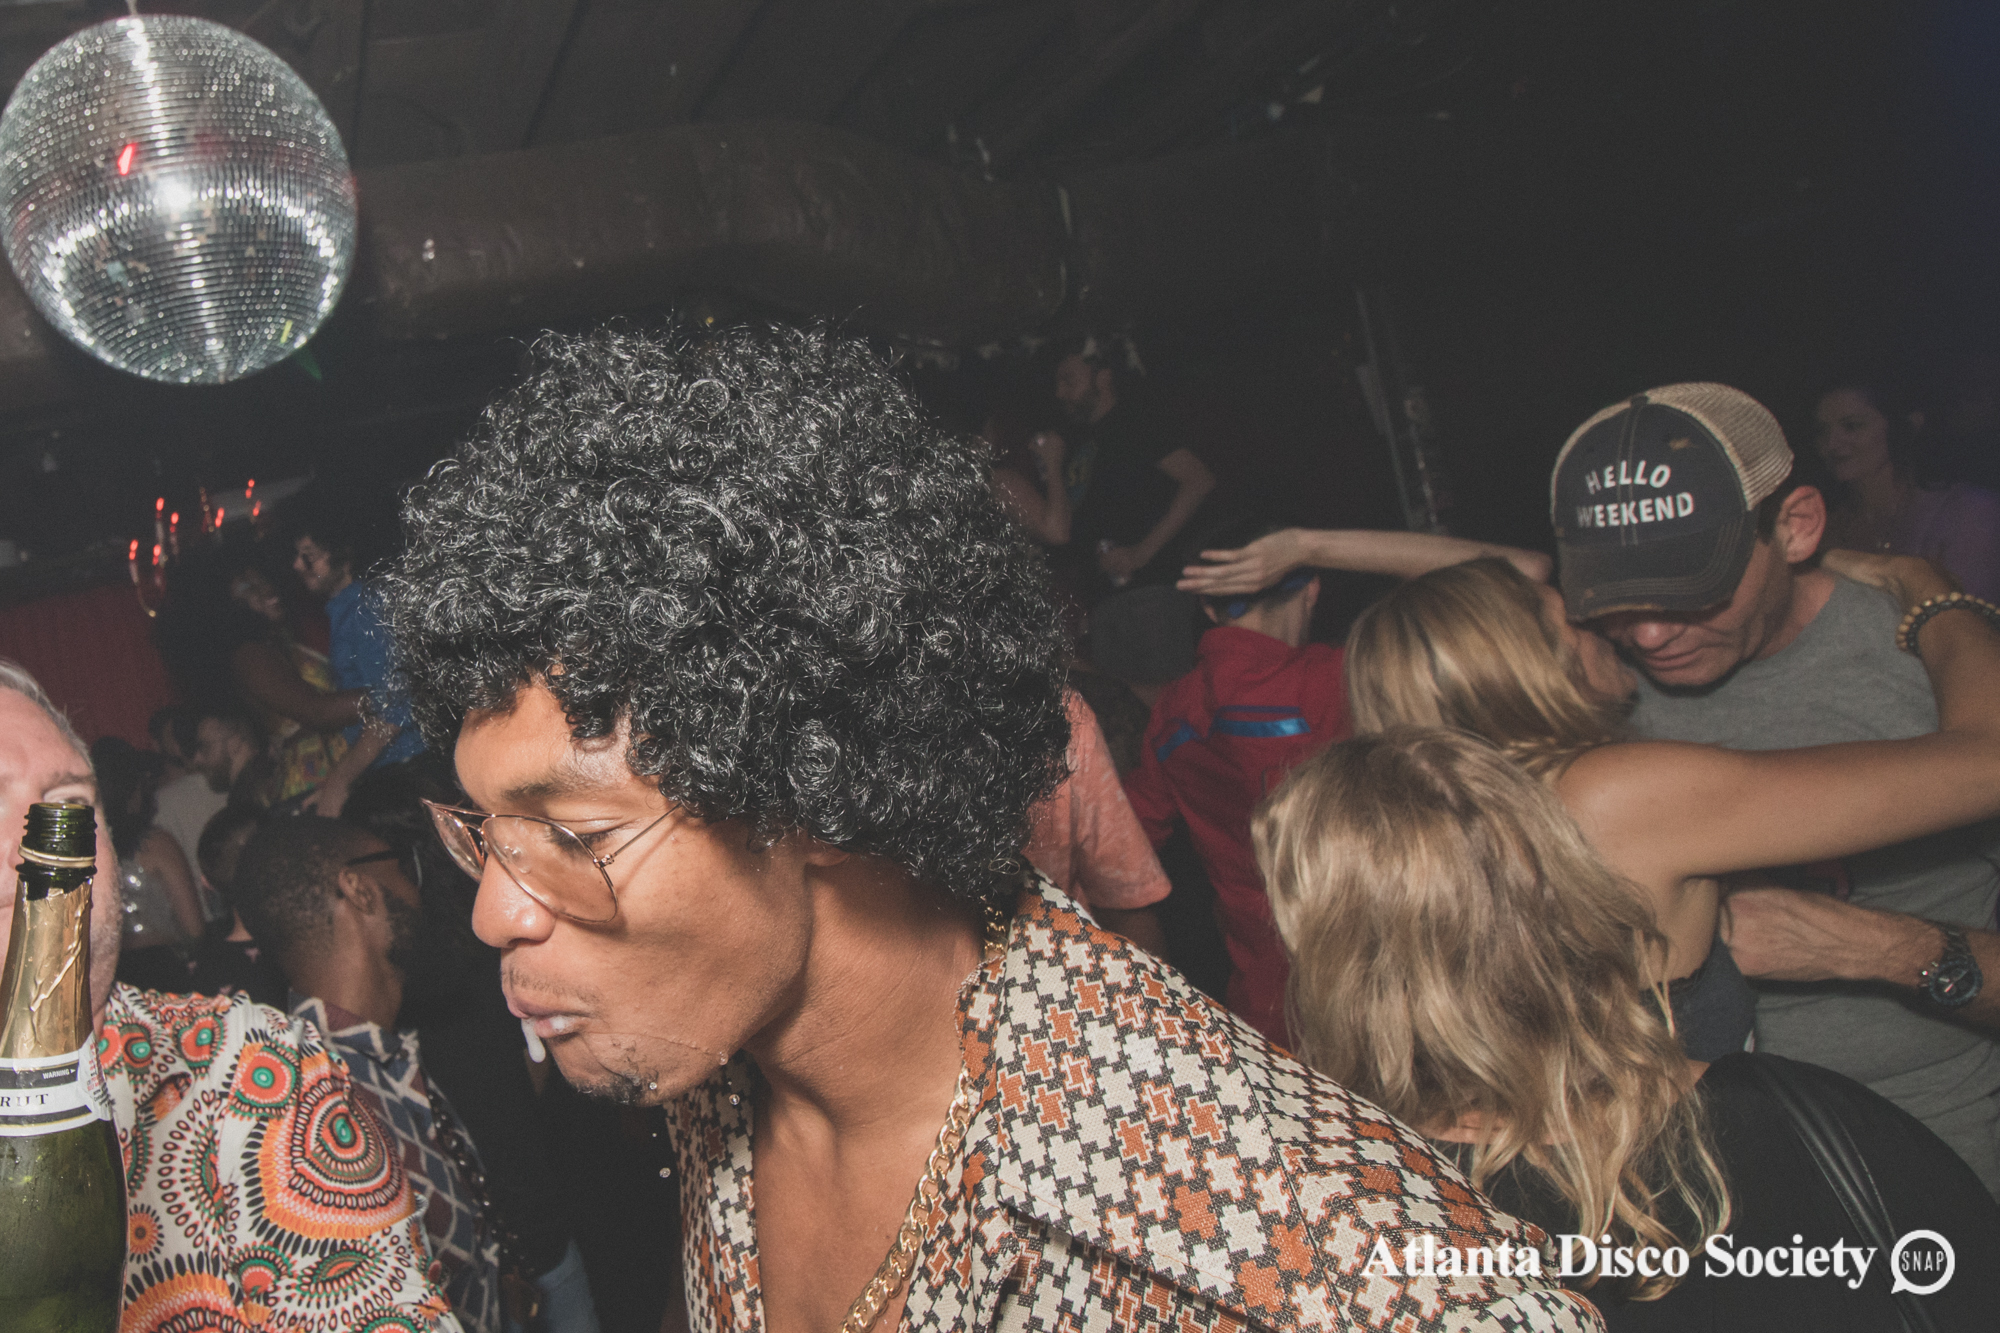 50Atlanta Disco Society Grace Kelly Oh Snap Kid 7.27.19.jpg